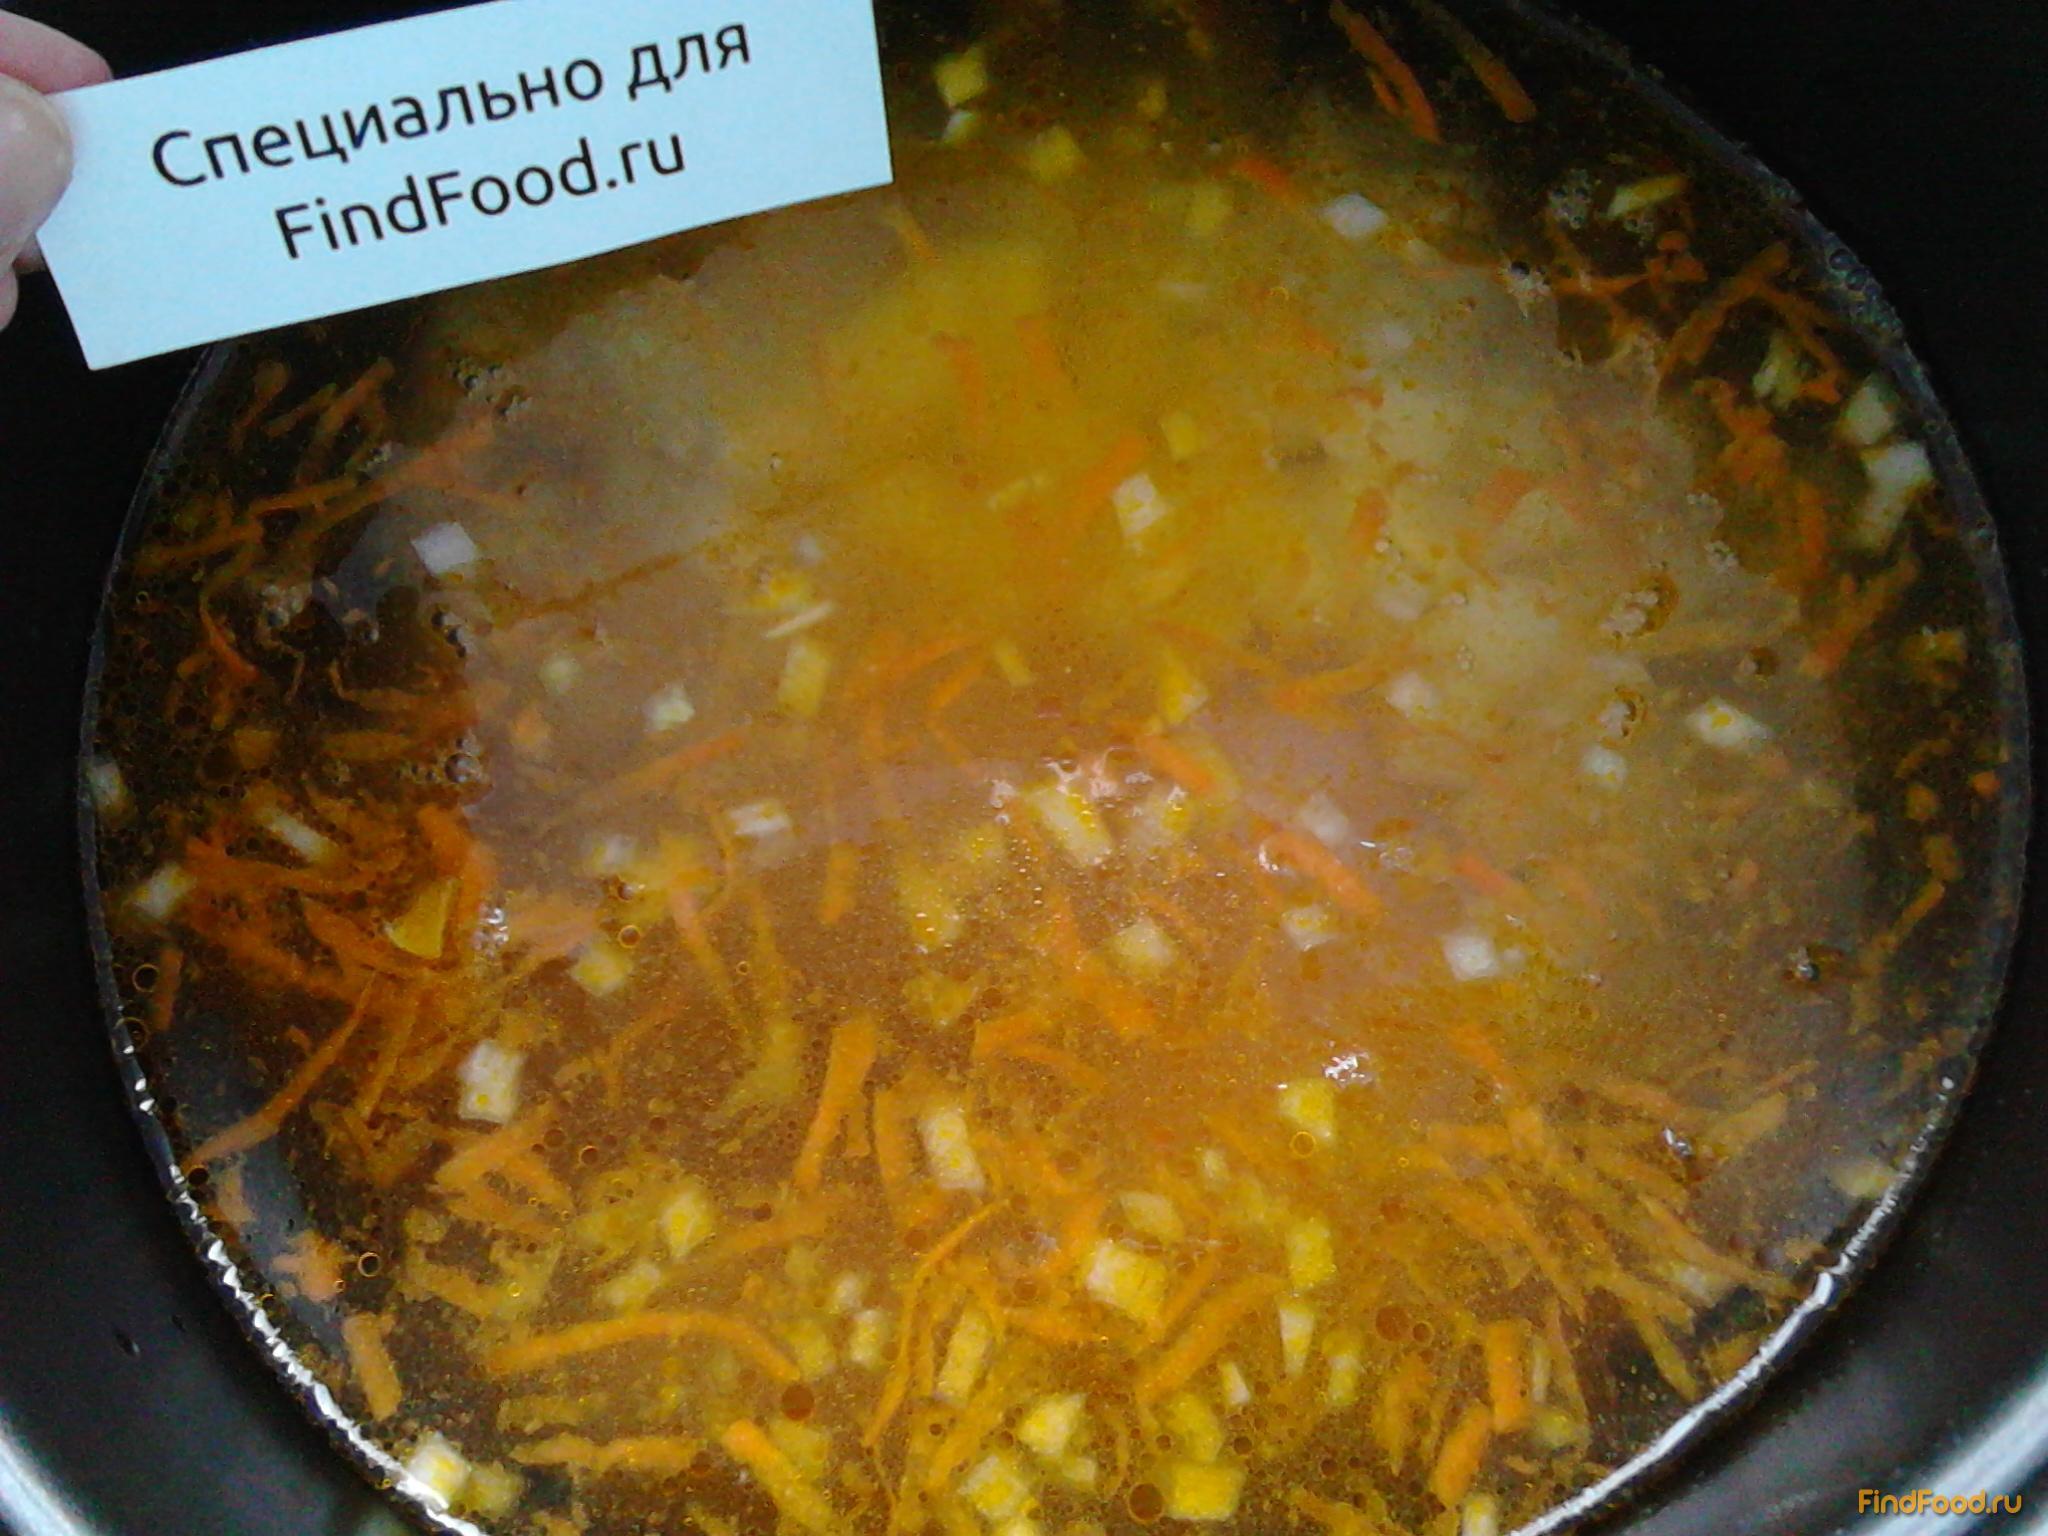 Суп куриный в мультиварке пошагово